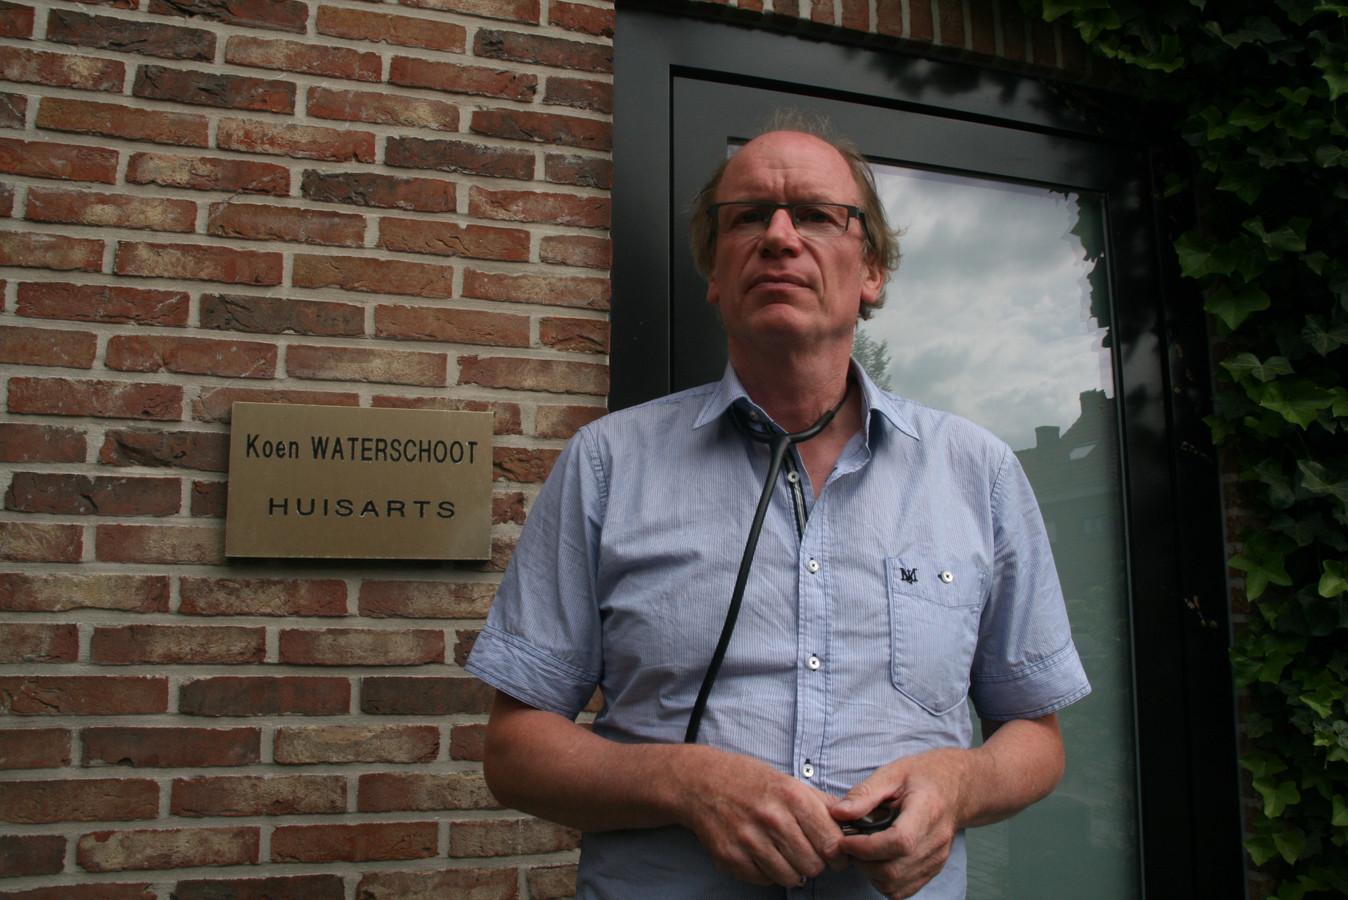 Dokter Koen Waterschoot uit Eeklo.